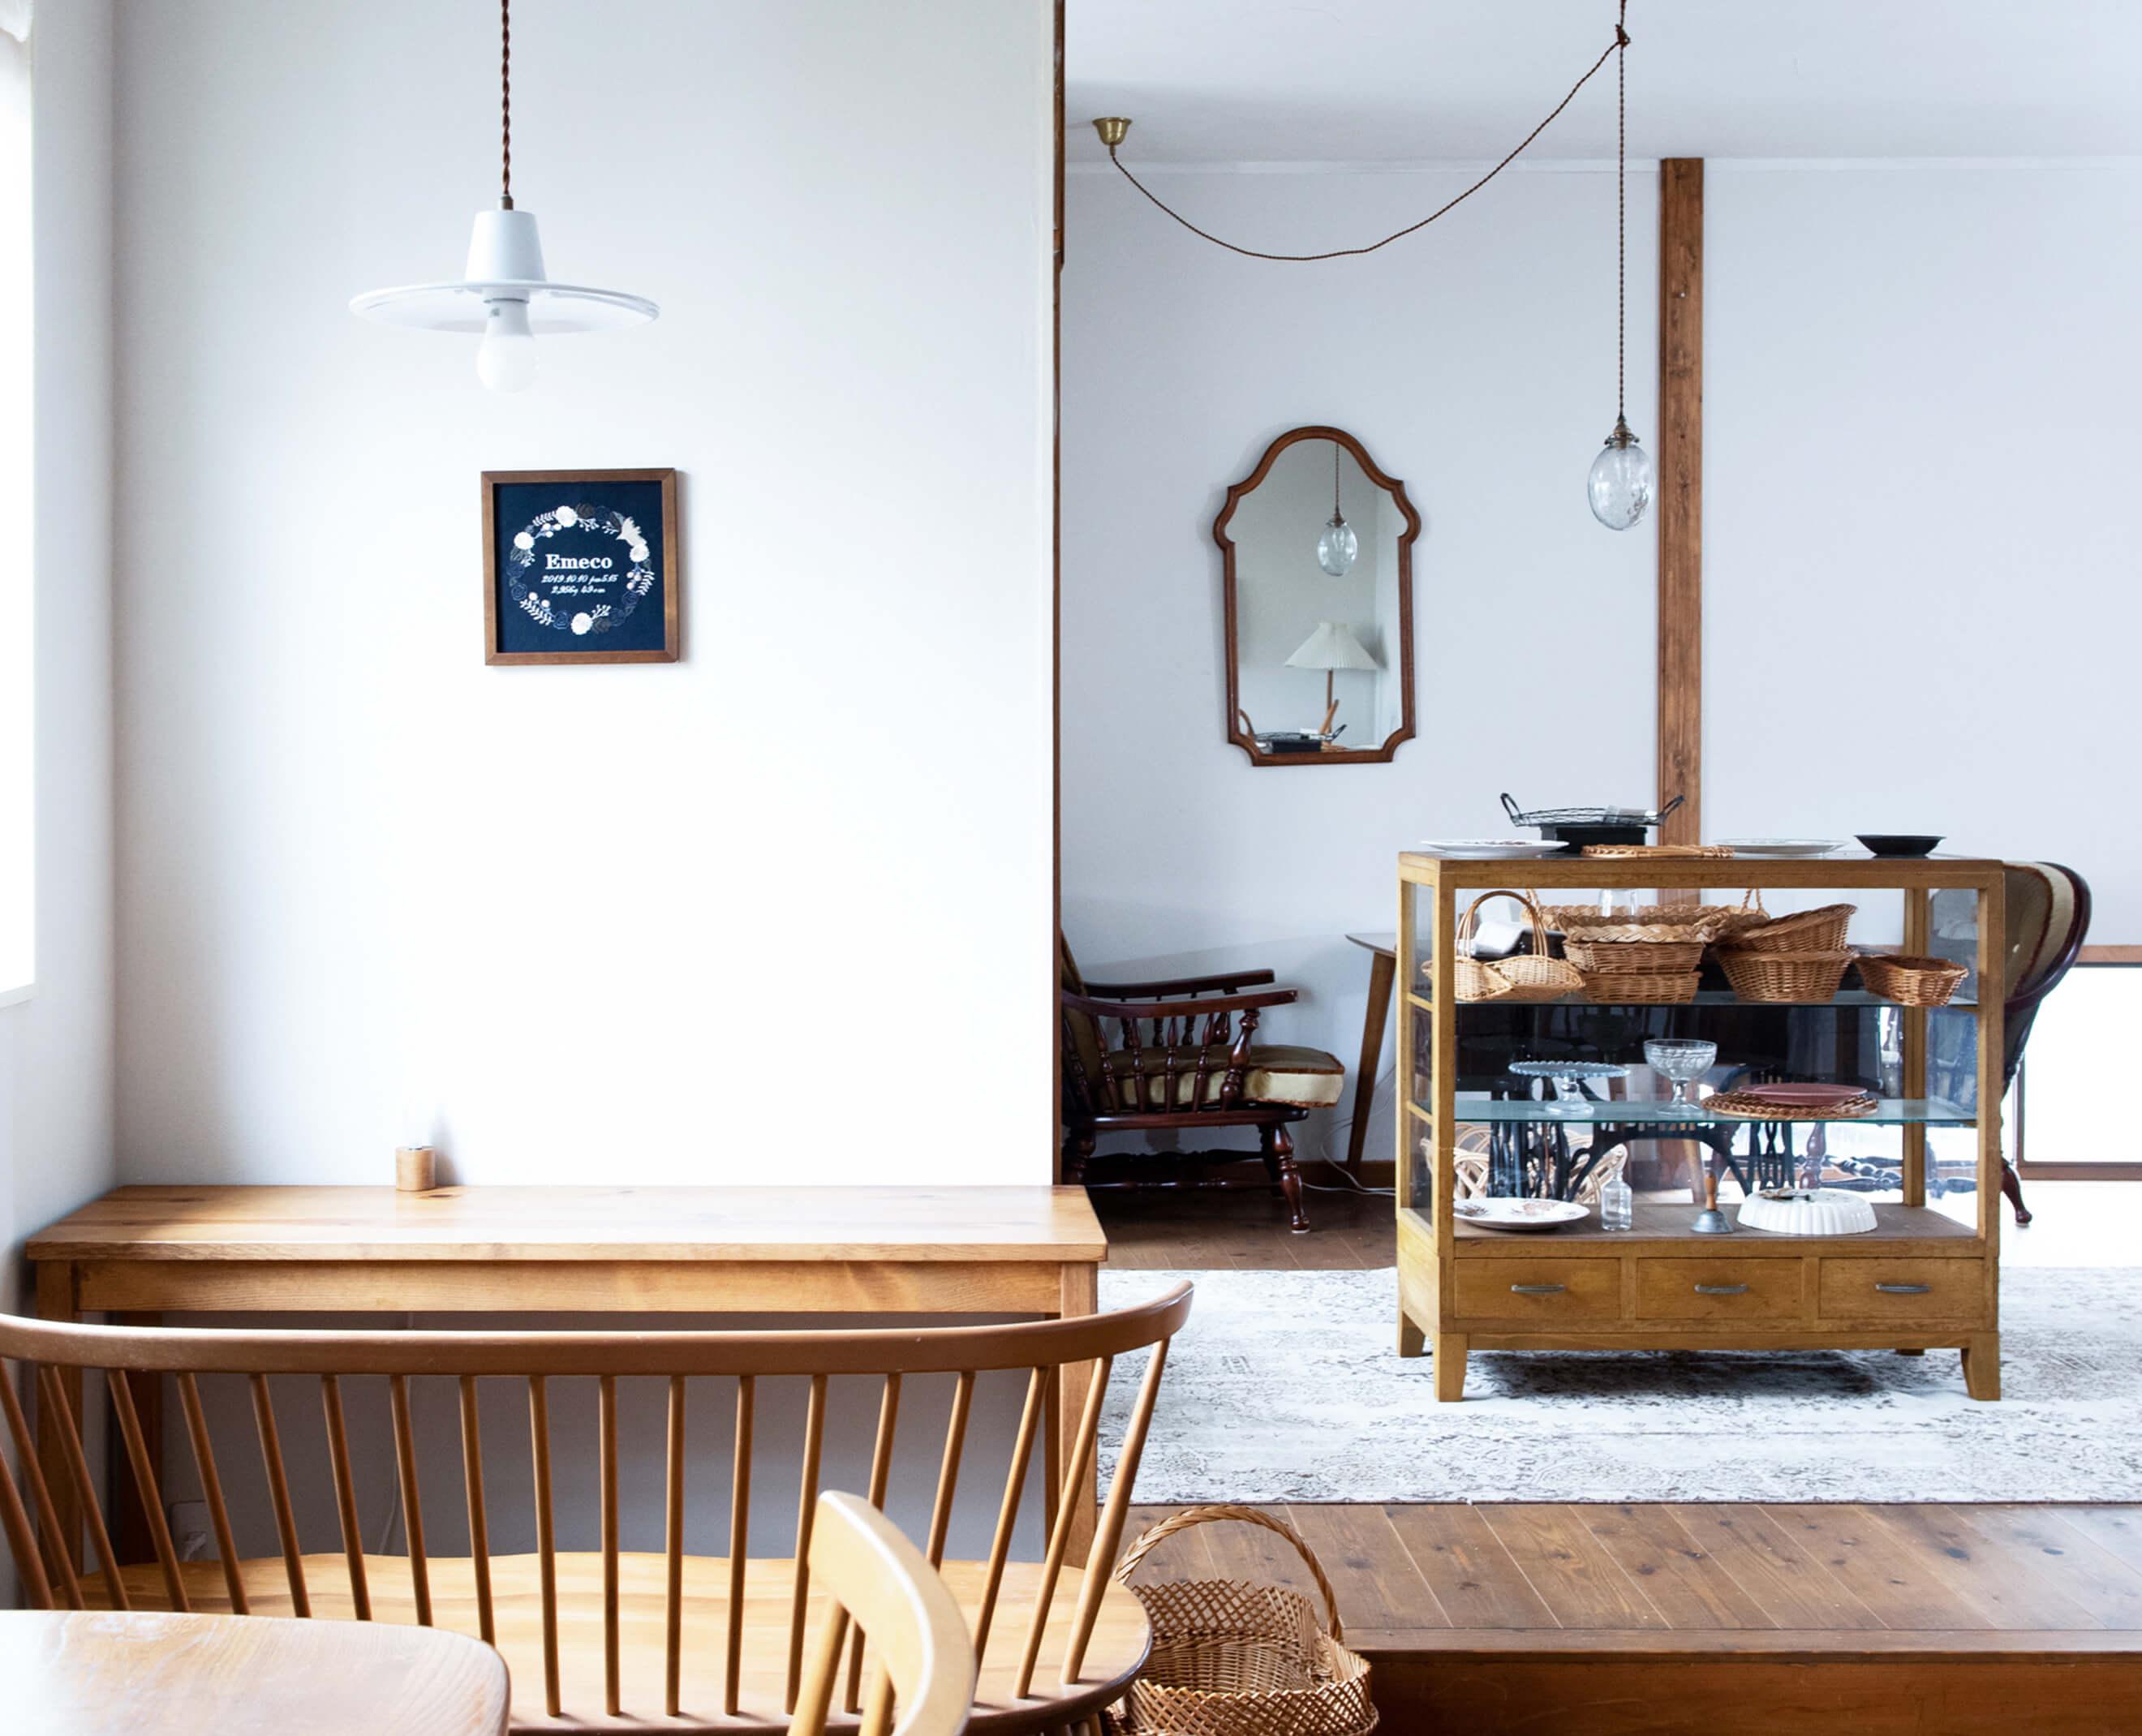 刺繍屋emecoのインテリアに馴染むオリジナルオーダー刺繍